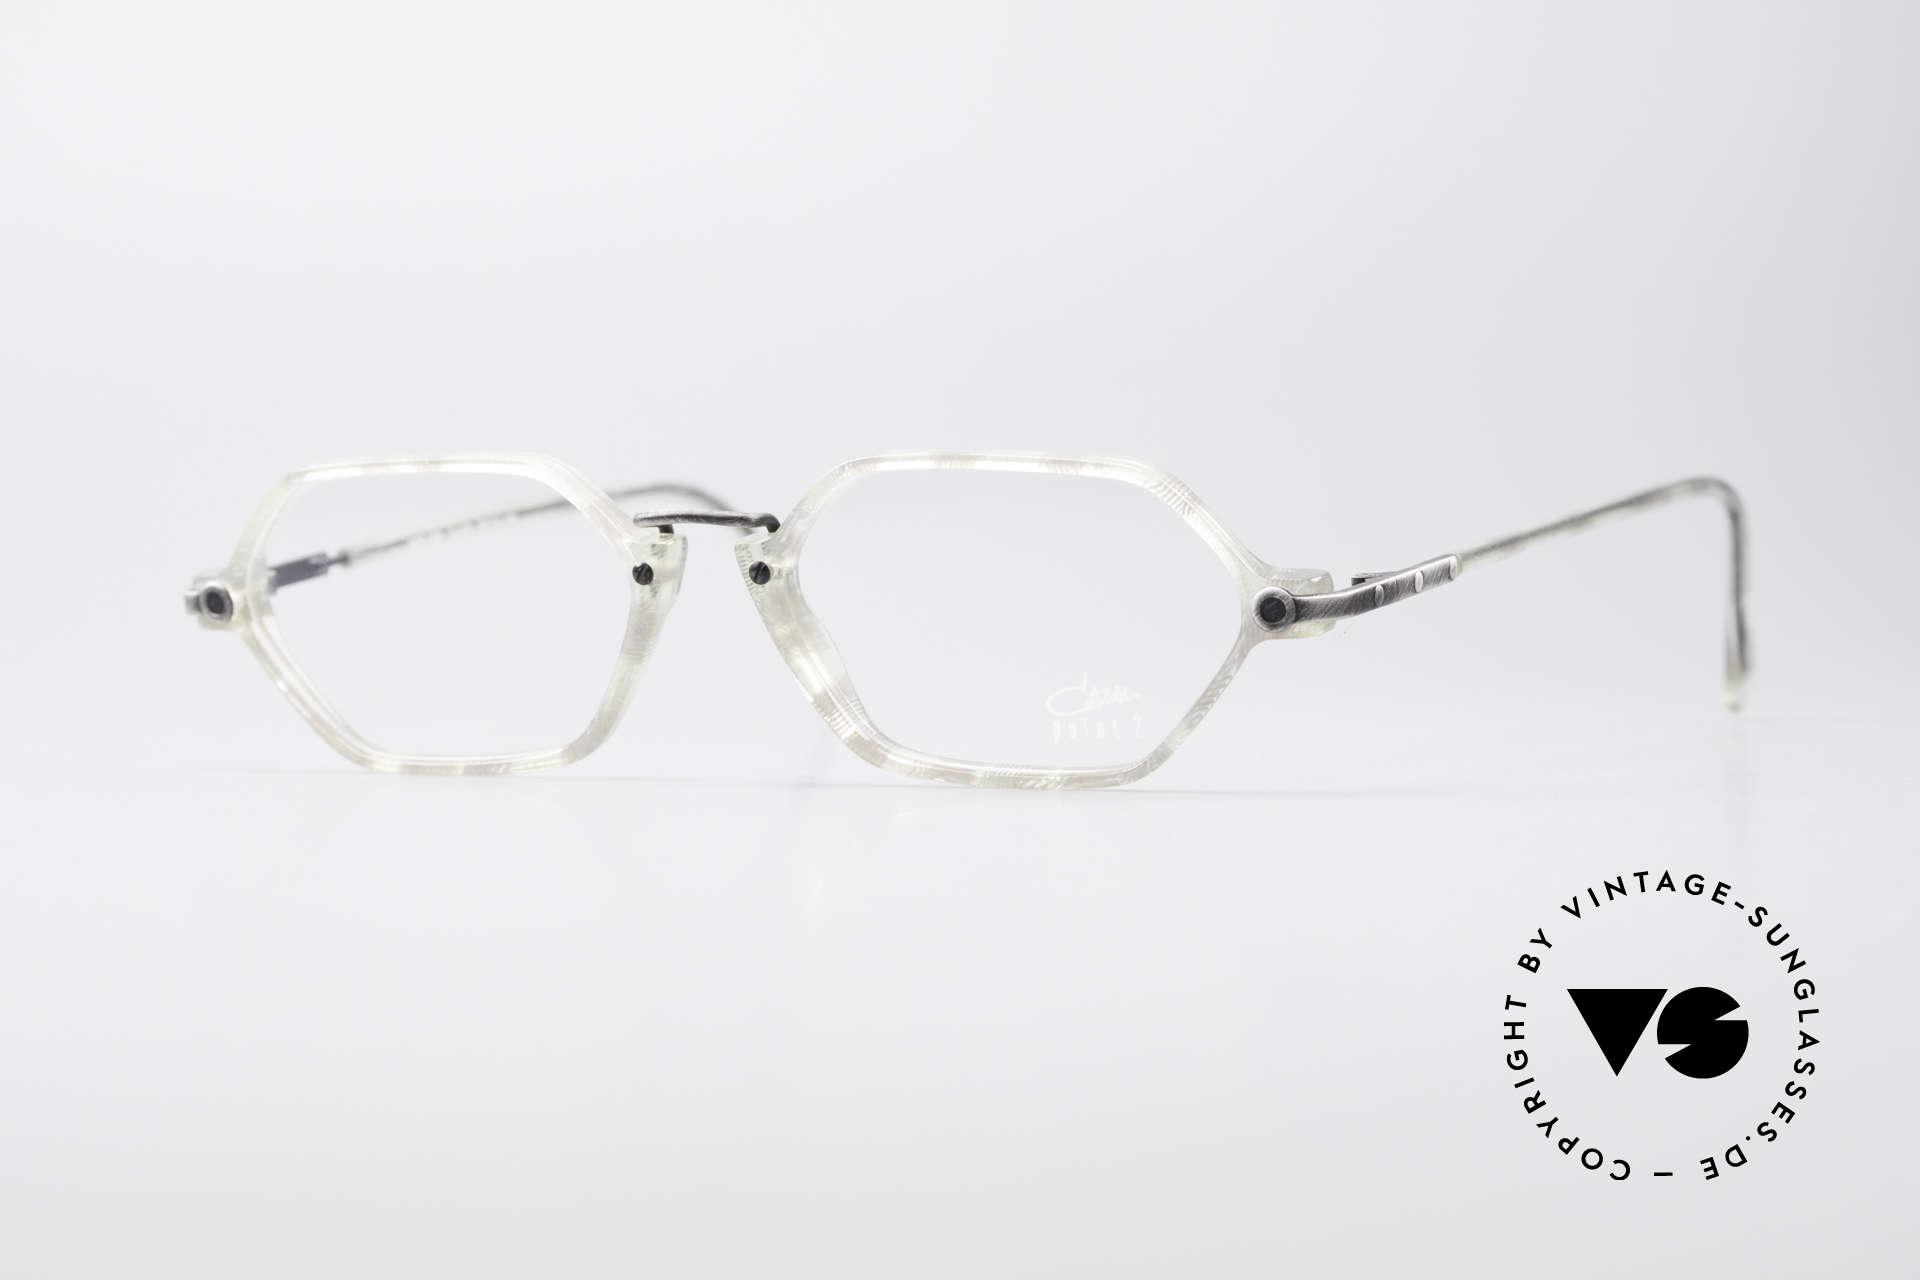 Cazal 1302 - Point 2 Original 90er Brillenfassung, feine, filigrane vintage Cazal Designer-Brillenfassung, Passend für Herren und Damen